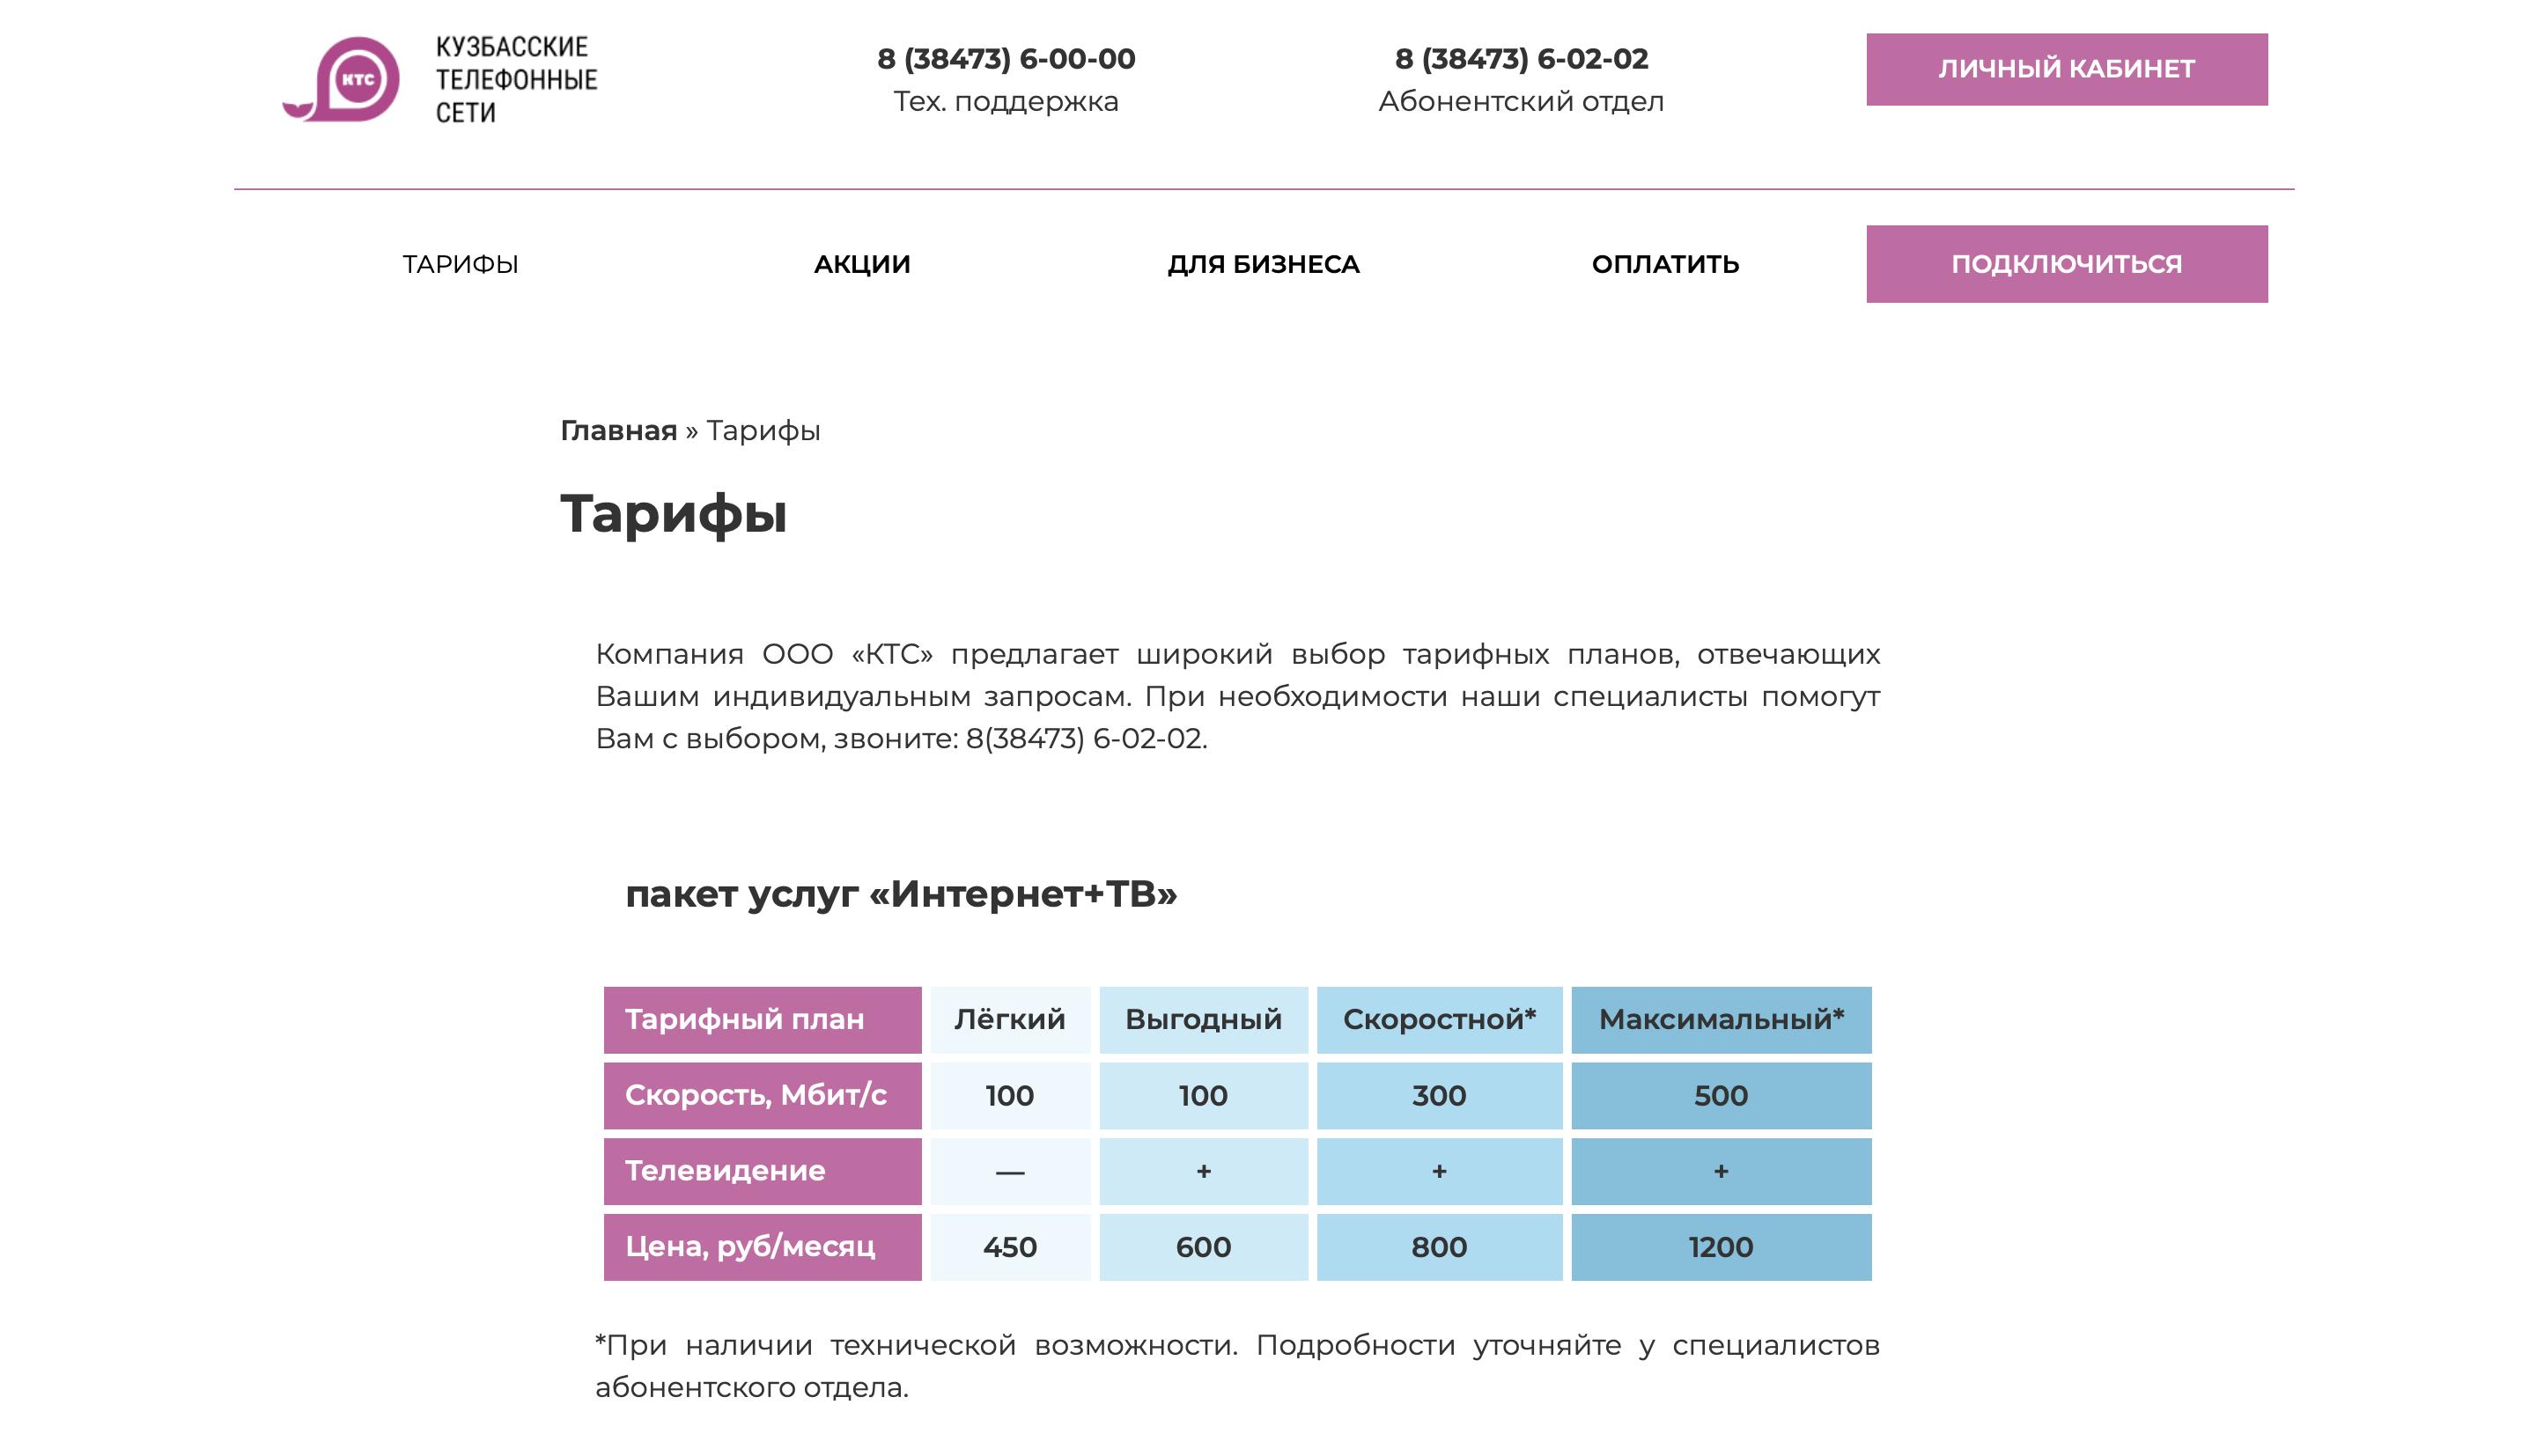 Кузбасские Телефонные Сети